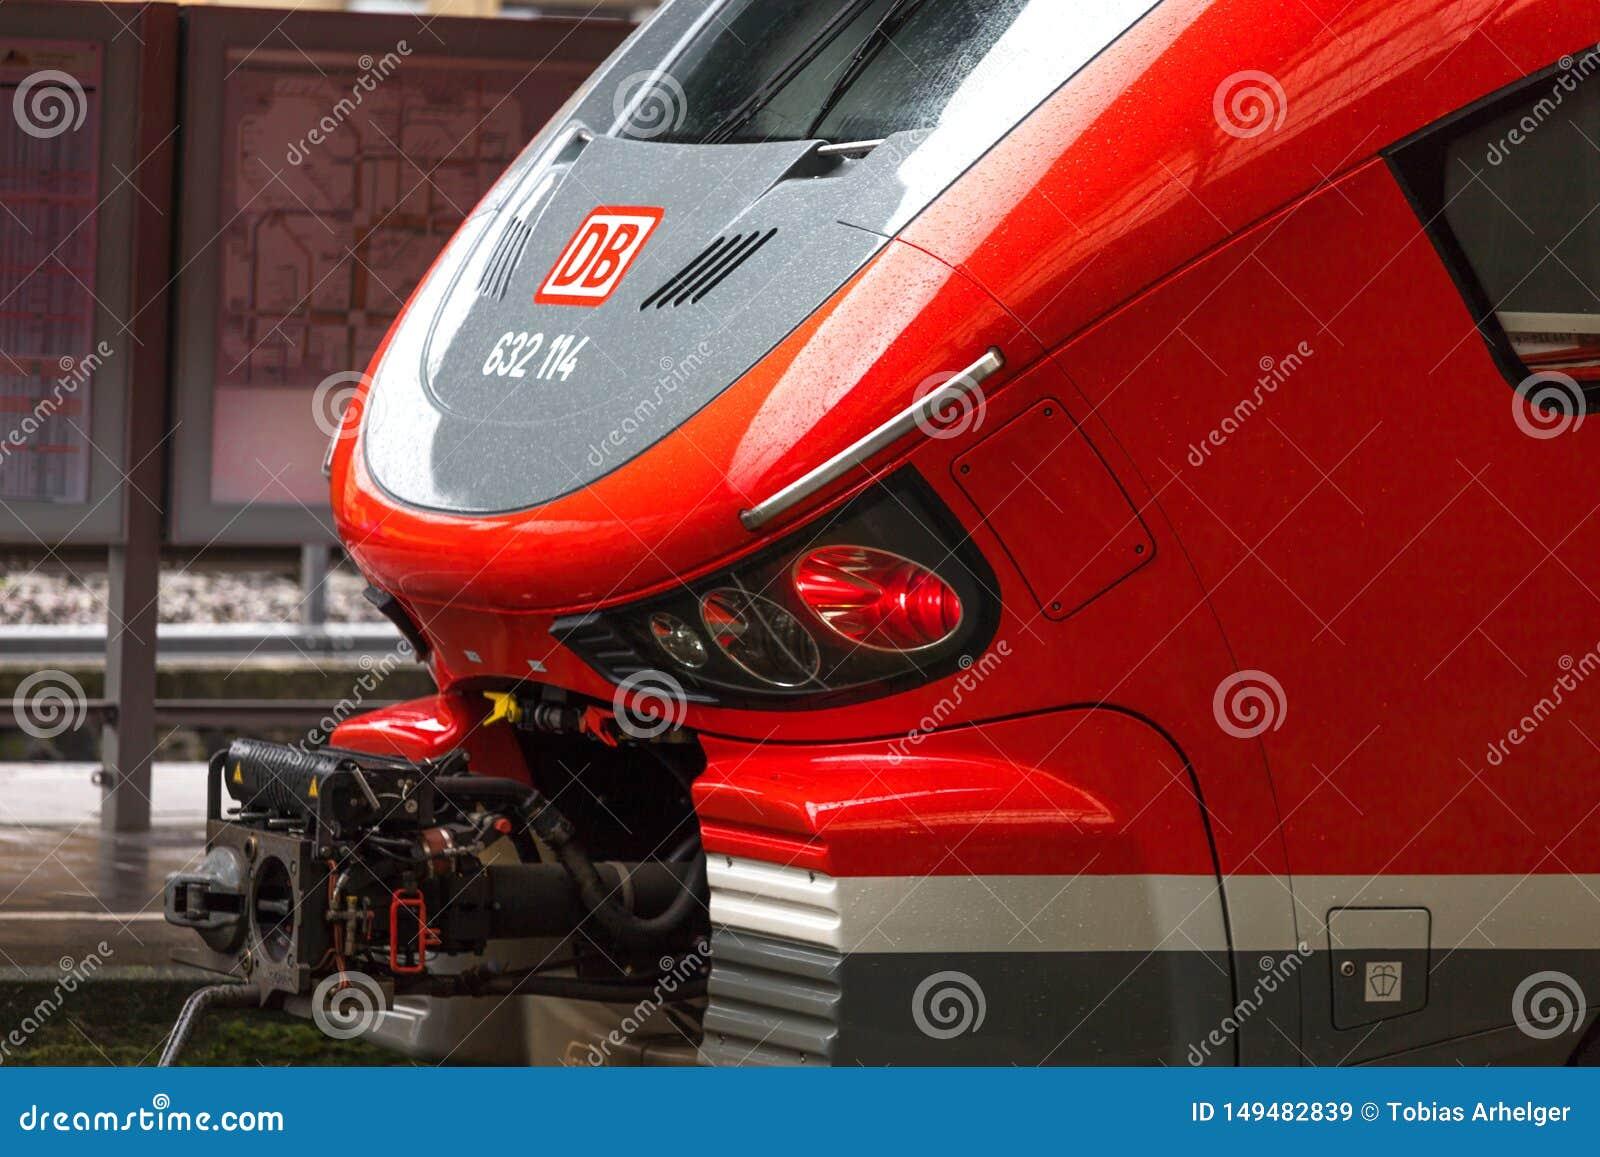 Db Train in Hagen Germany